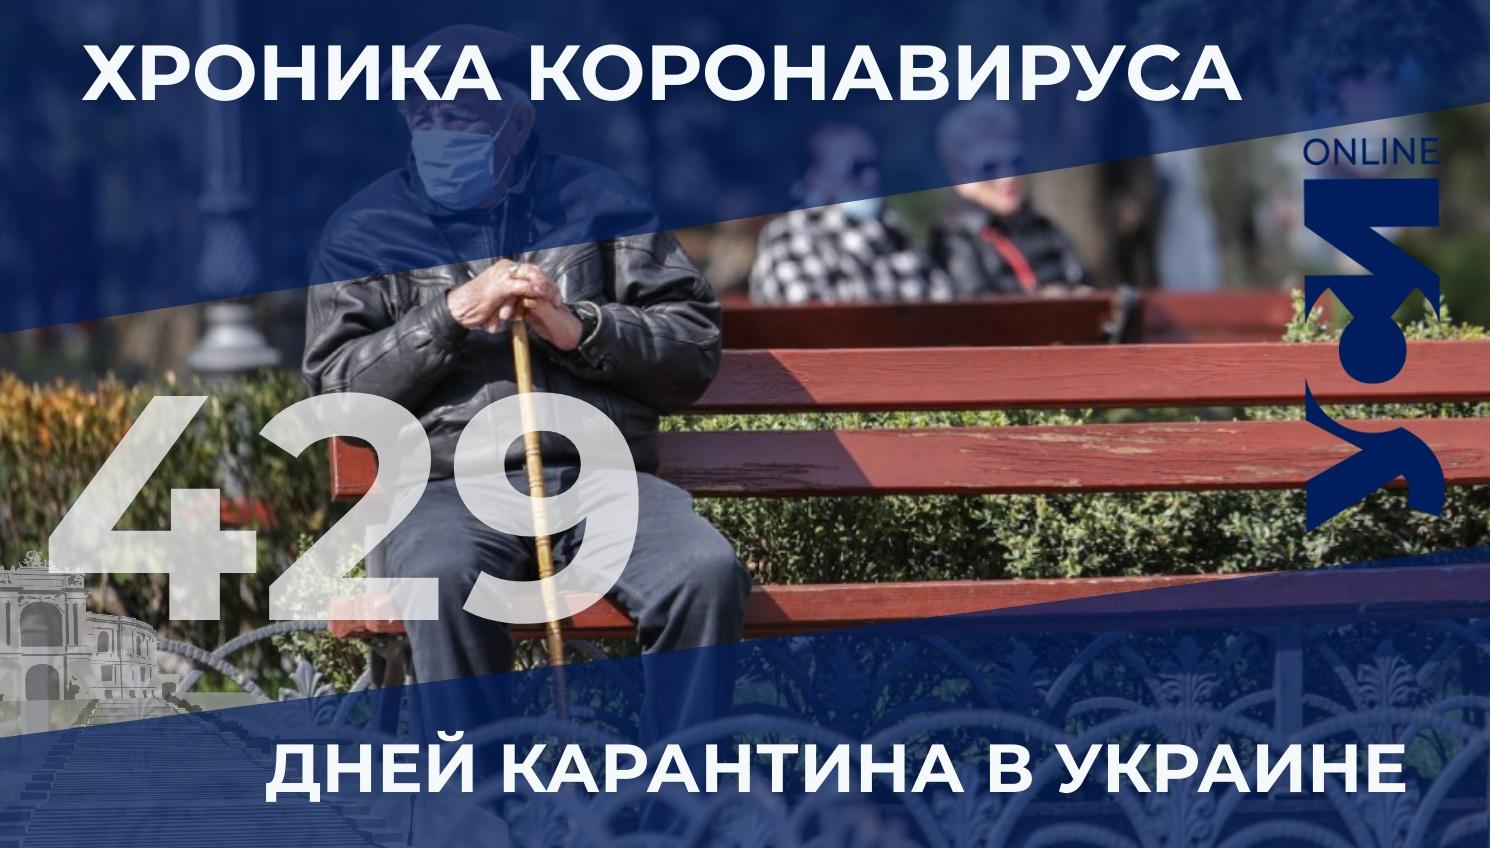 Хроника коронавируса: в Одесской области – 368 новых заболевших «фото»